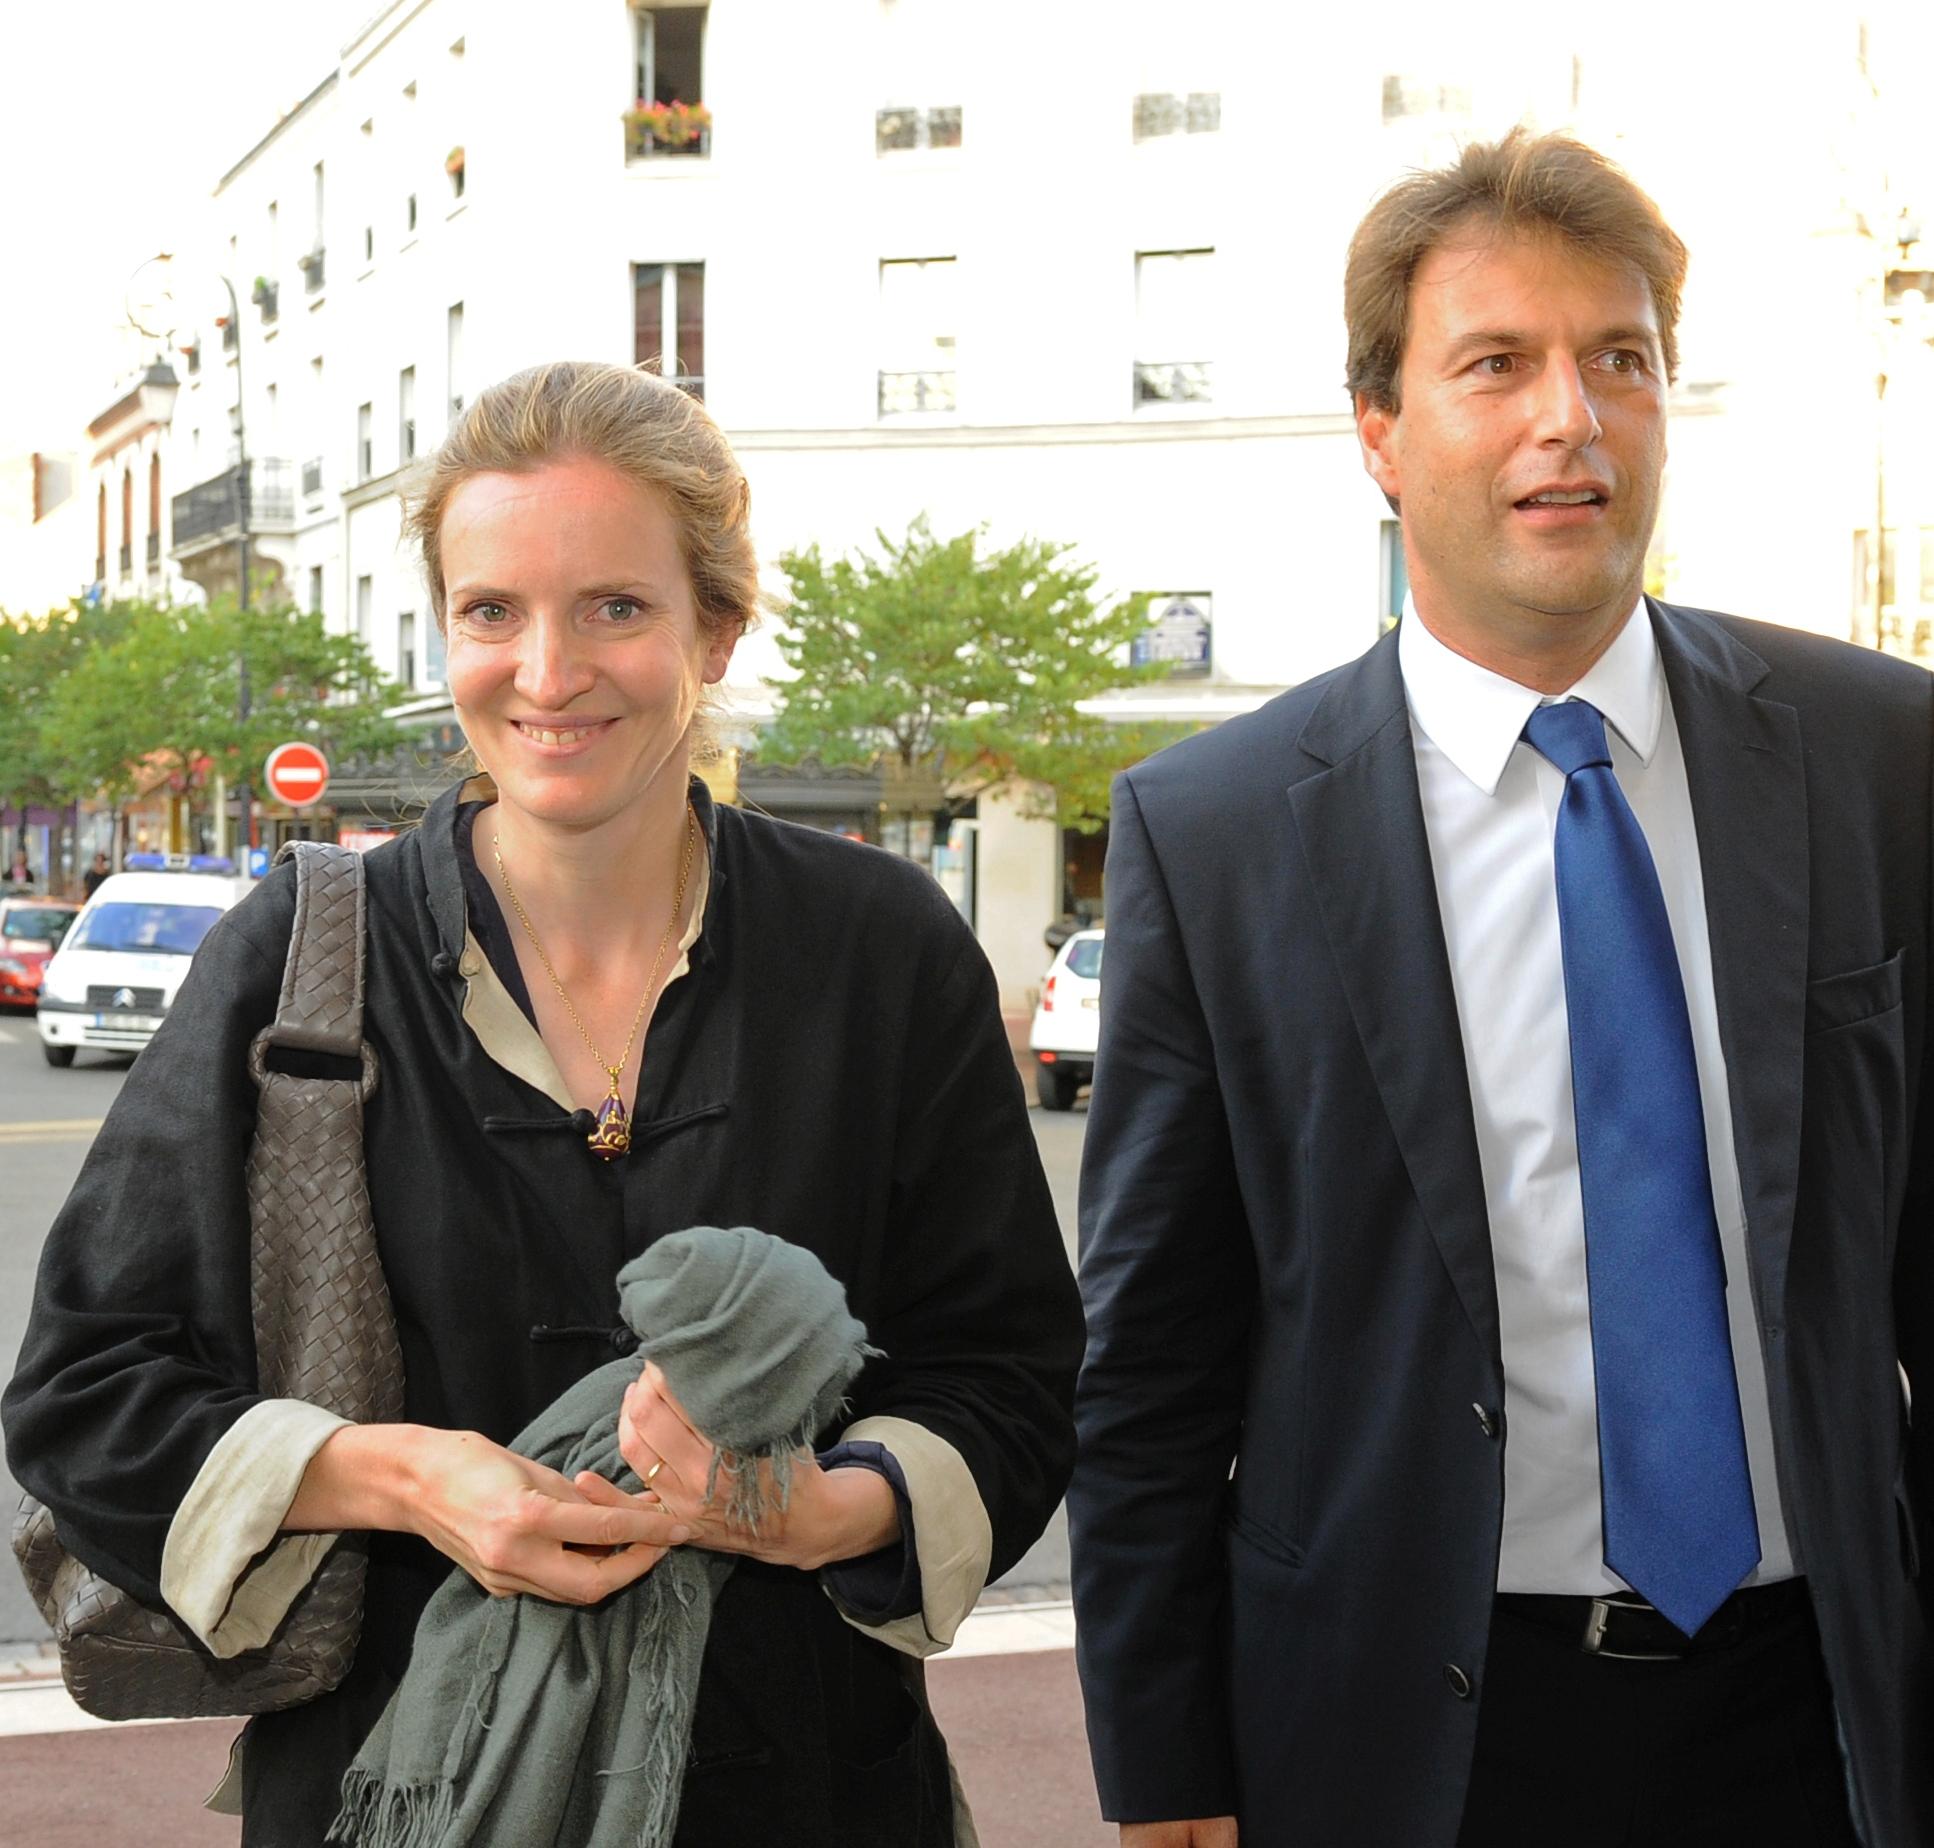 Primaire de la Droite et du Centre : Nathalie Kosciusko-Morizet à Saint-Maur Samedi 9 avril